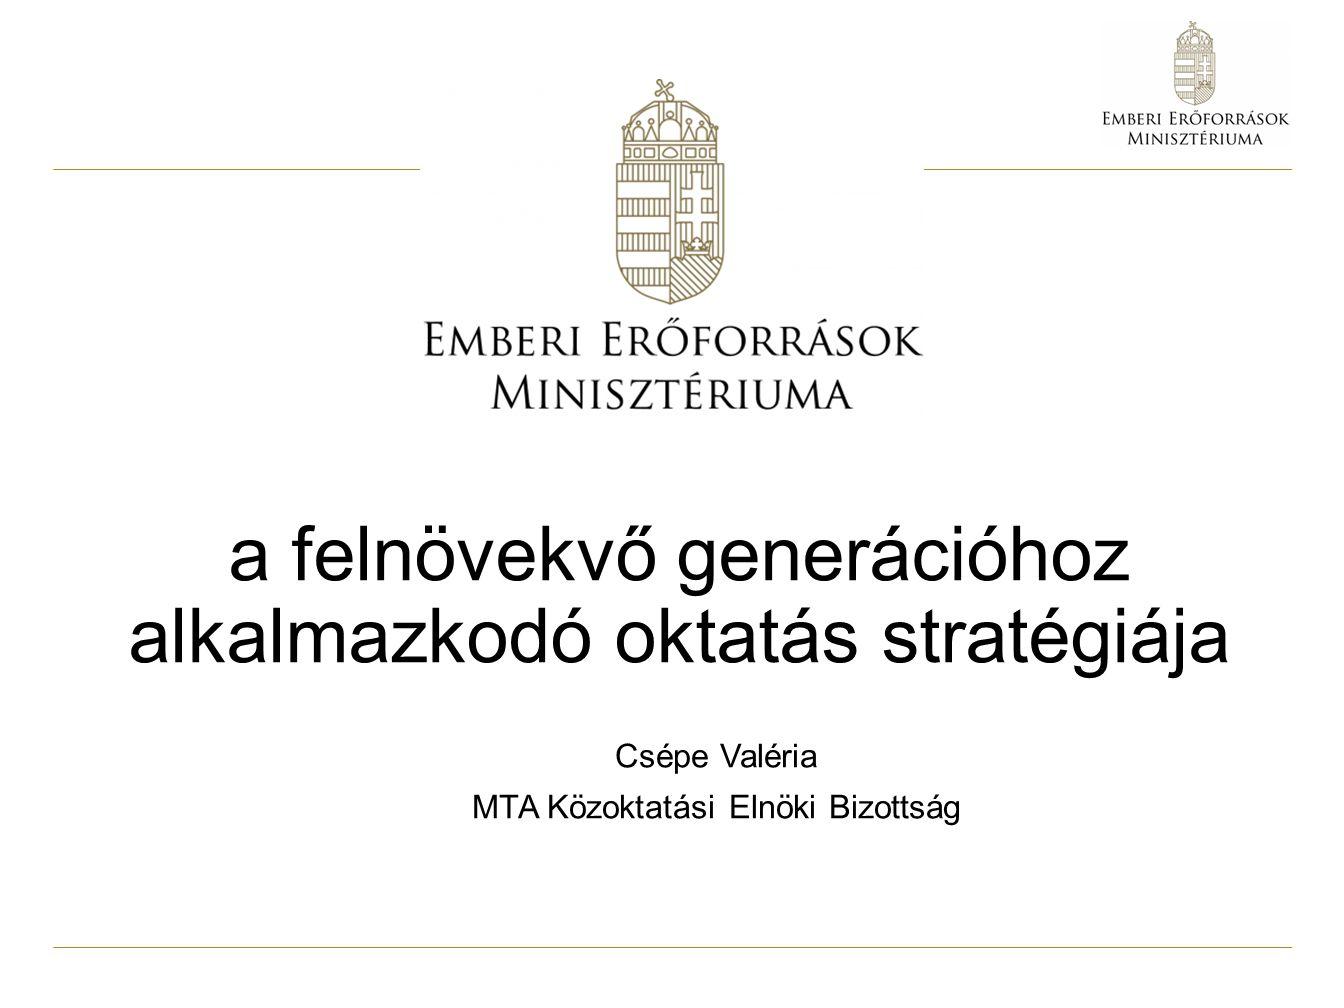 a felnövekvő generációhoz alkalmazkodó oktatás stratégiája Csépe Valéria MTA Közoktatási Elnöki Bizottság